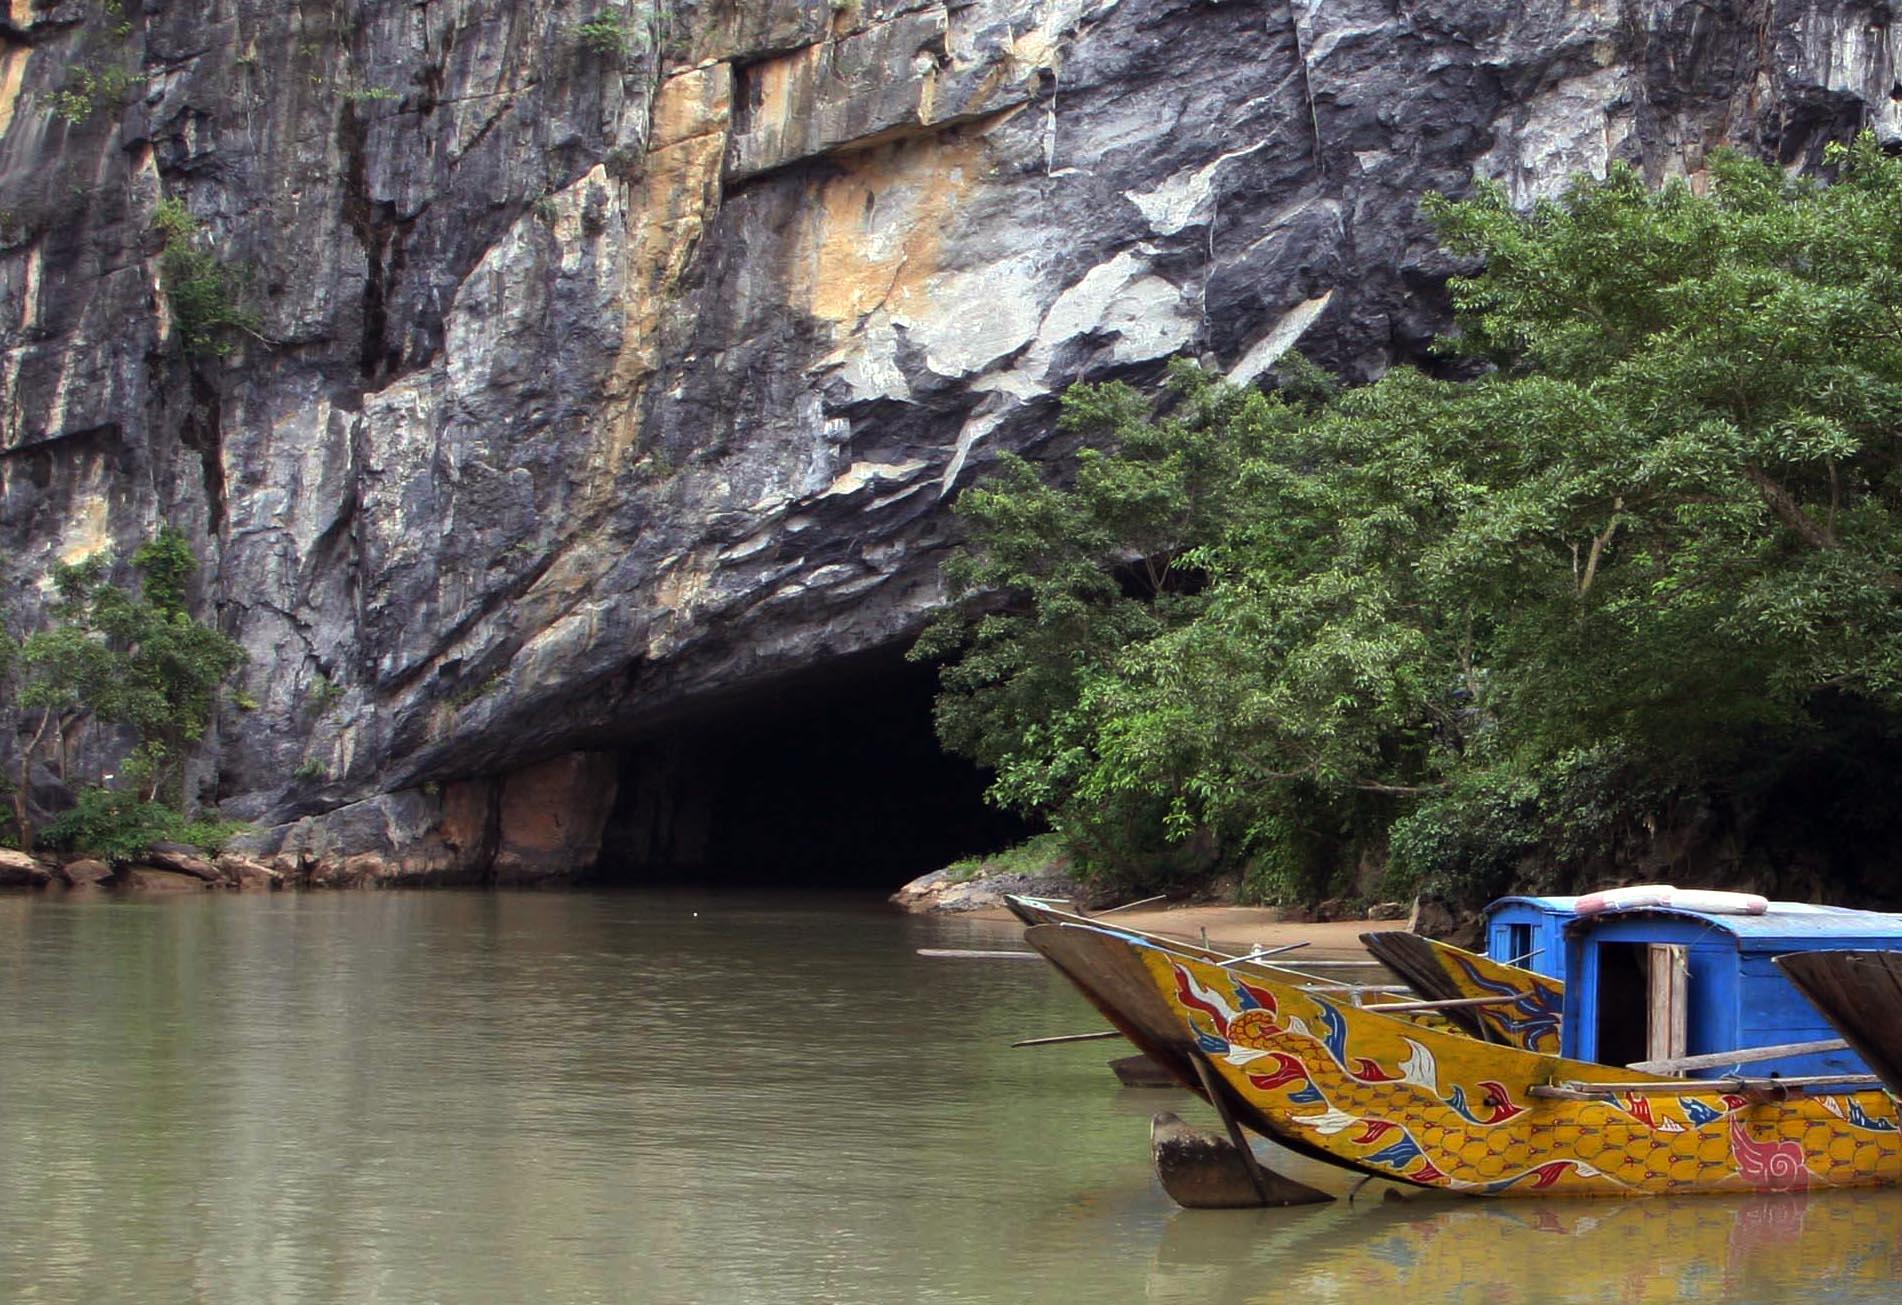 Du lịch miền Trung: Hà Nội – Cố Đô Huế – Động Phong Nha 4 ngày